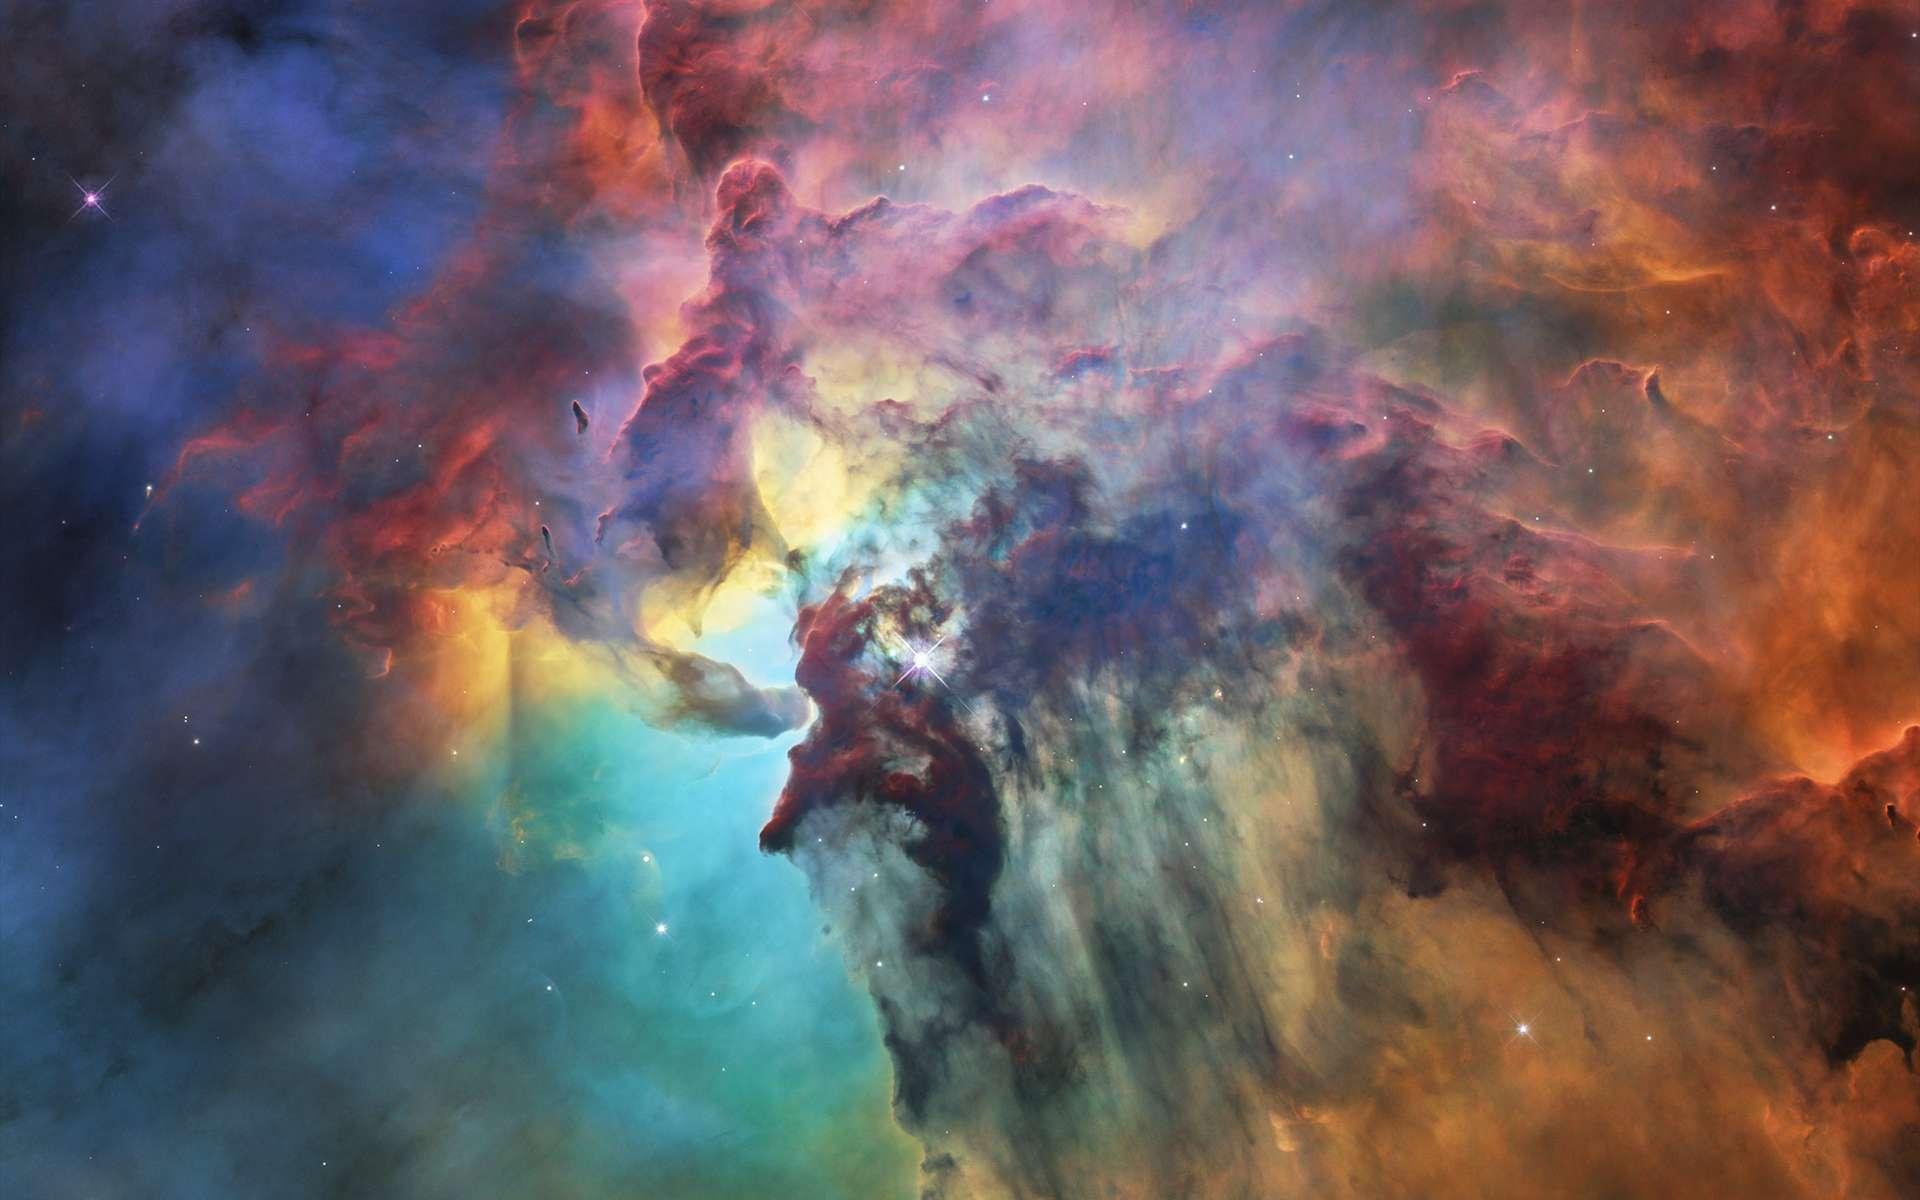 Hubble nous fait redécouvrir cette région à l'intérieur de la nébuleuse du Lagon (Lagoon nebula, Messier 8), laquelle s'étend dans la constellation du Sagittaire. Sa vue pénétrante dans le visible et l'infrarouge nous dévoile les jeunes étoiles tapies dans les ténèbres, plus particulièrement Herschel 36. Celle-ci érode et sculpte le milieu où elle s'est formée. Entre les deux masses sombres, on peut observer une tornade qui entremêle gaz et poussières. © Nasa, Esa, STSci